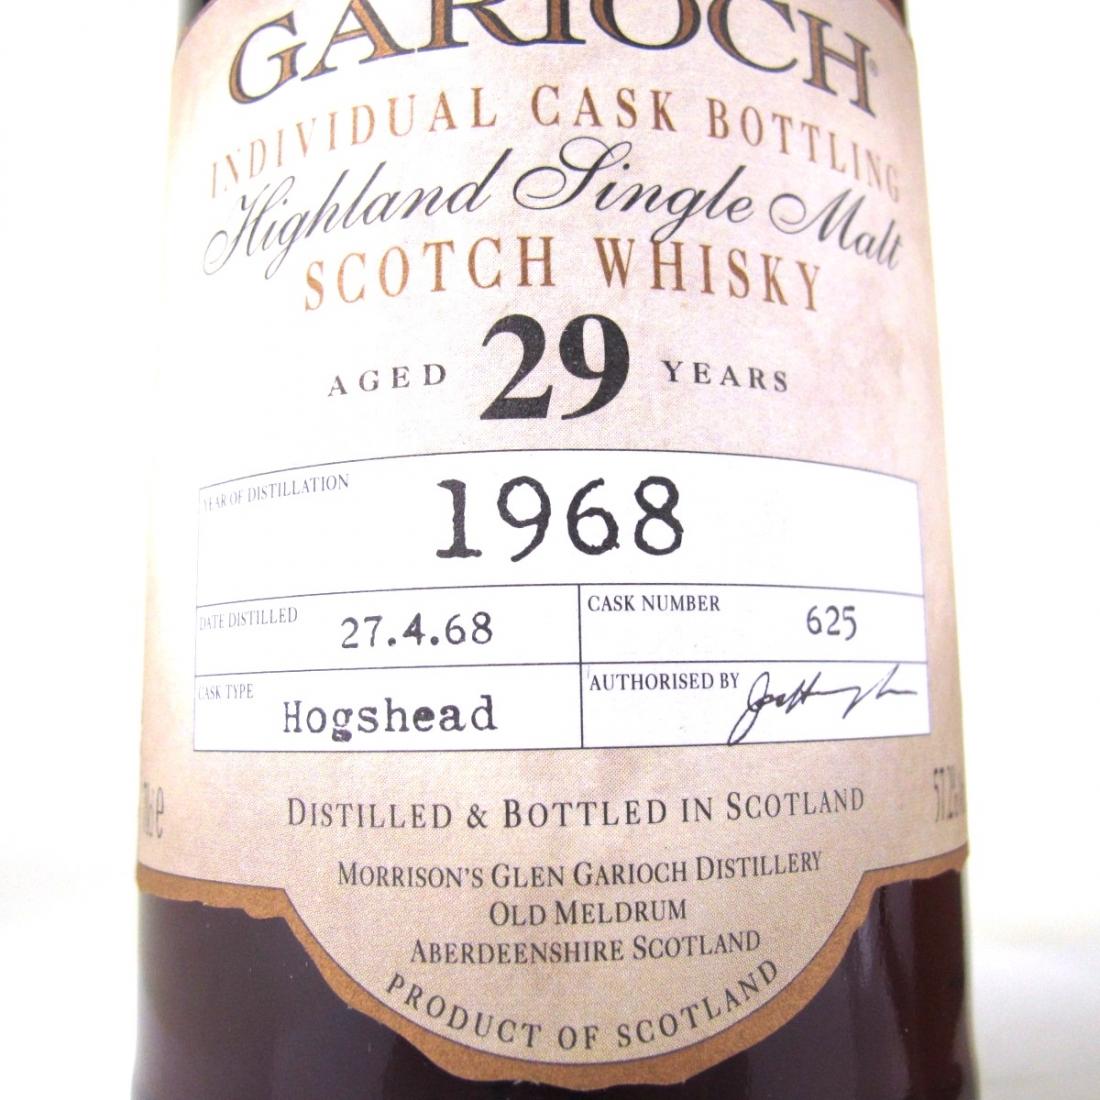 Glen Garioch 1968 Single Cask 29 Year Old